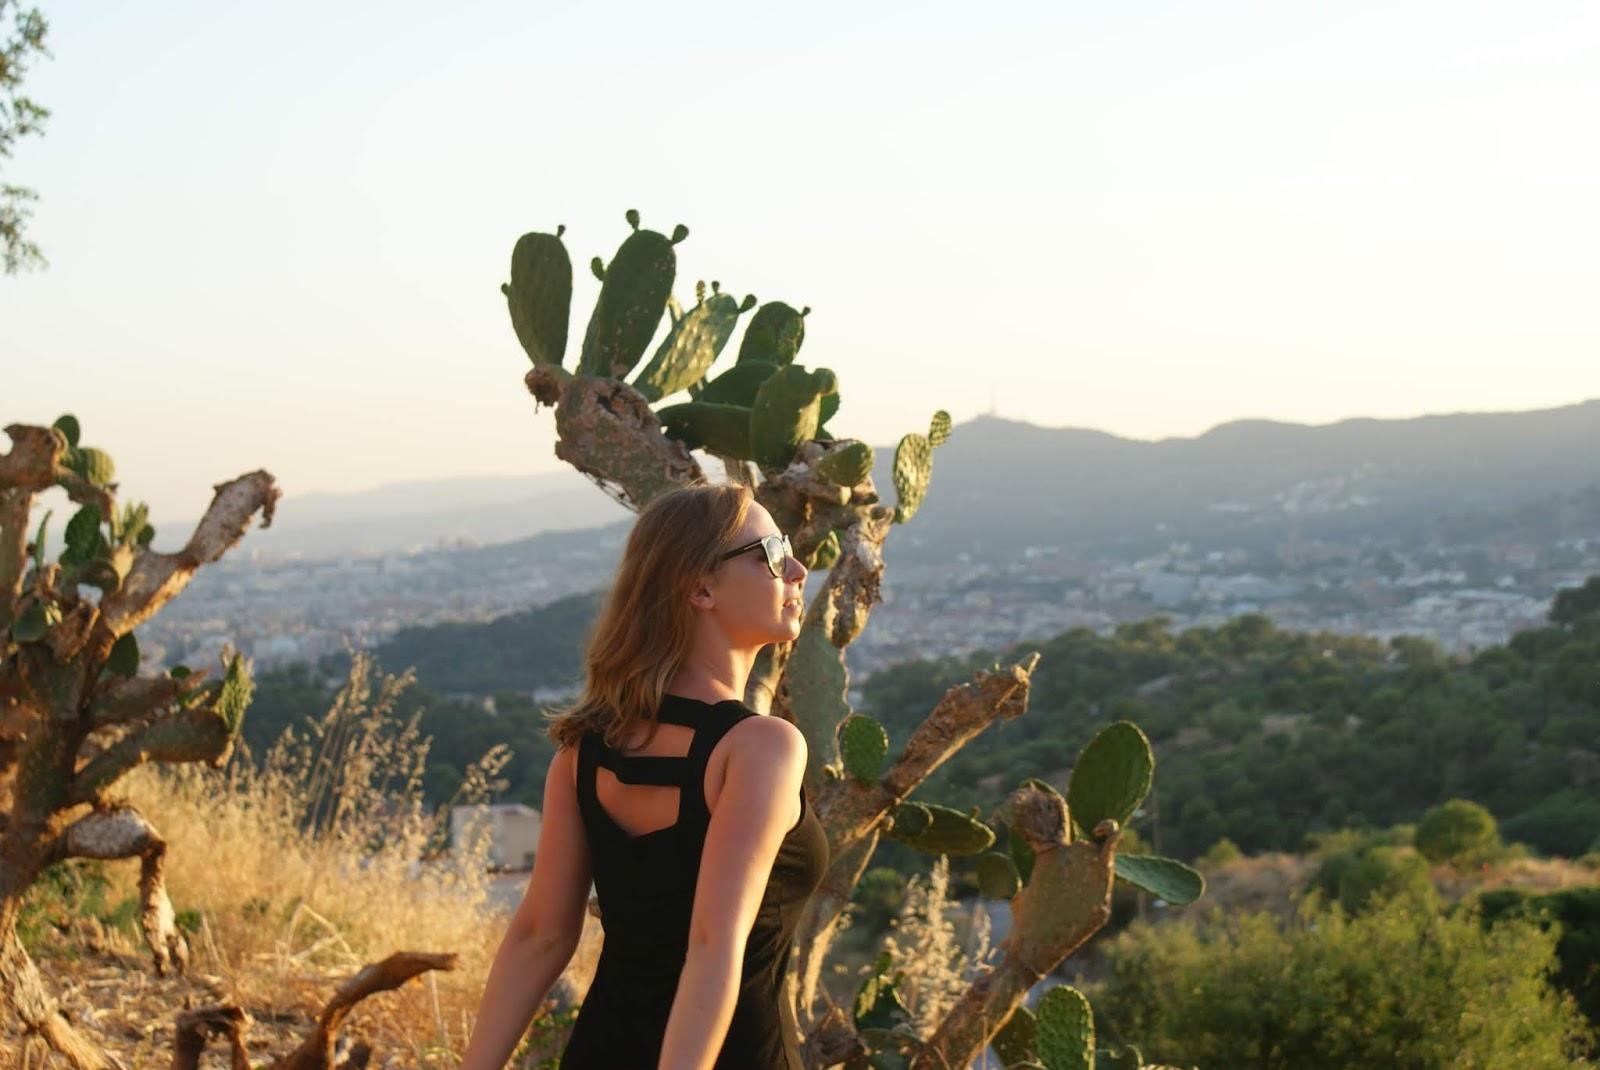 10 darmowych rzeczy, które musisz zrobić w Barcelonie